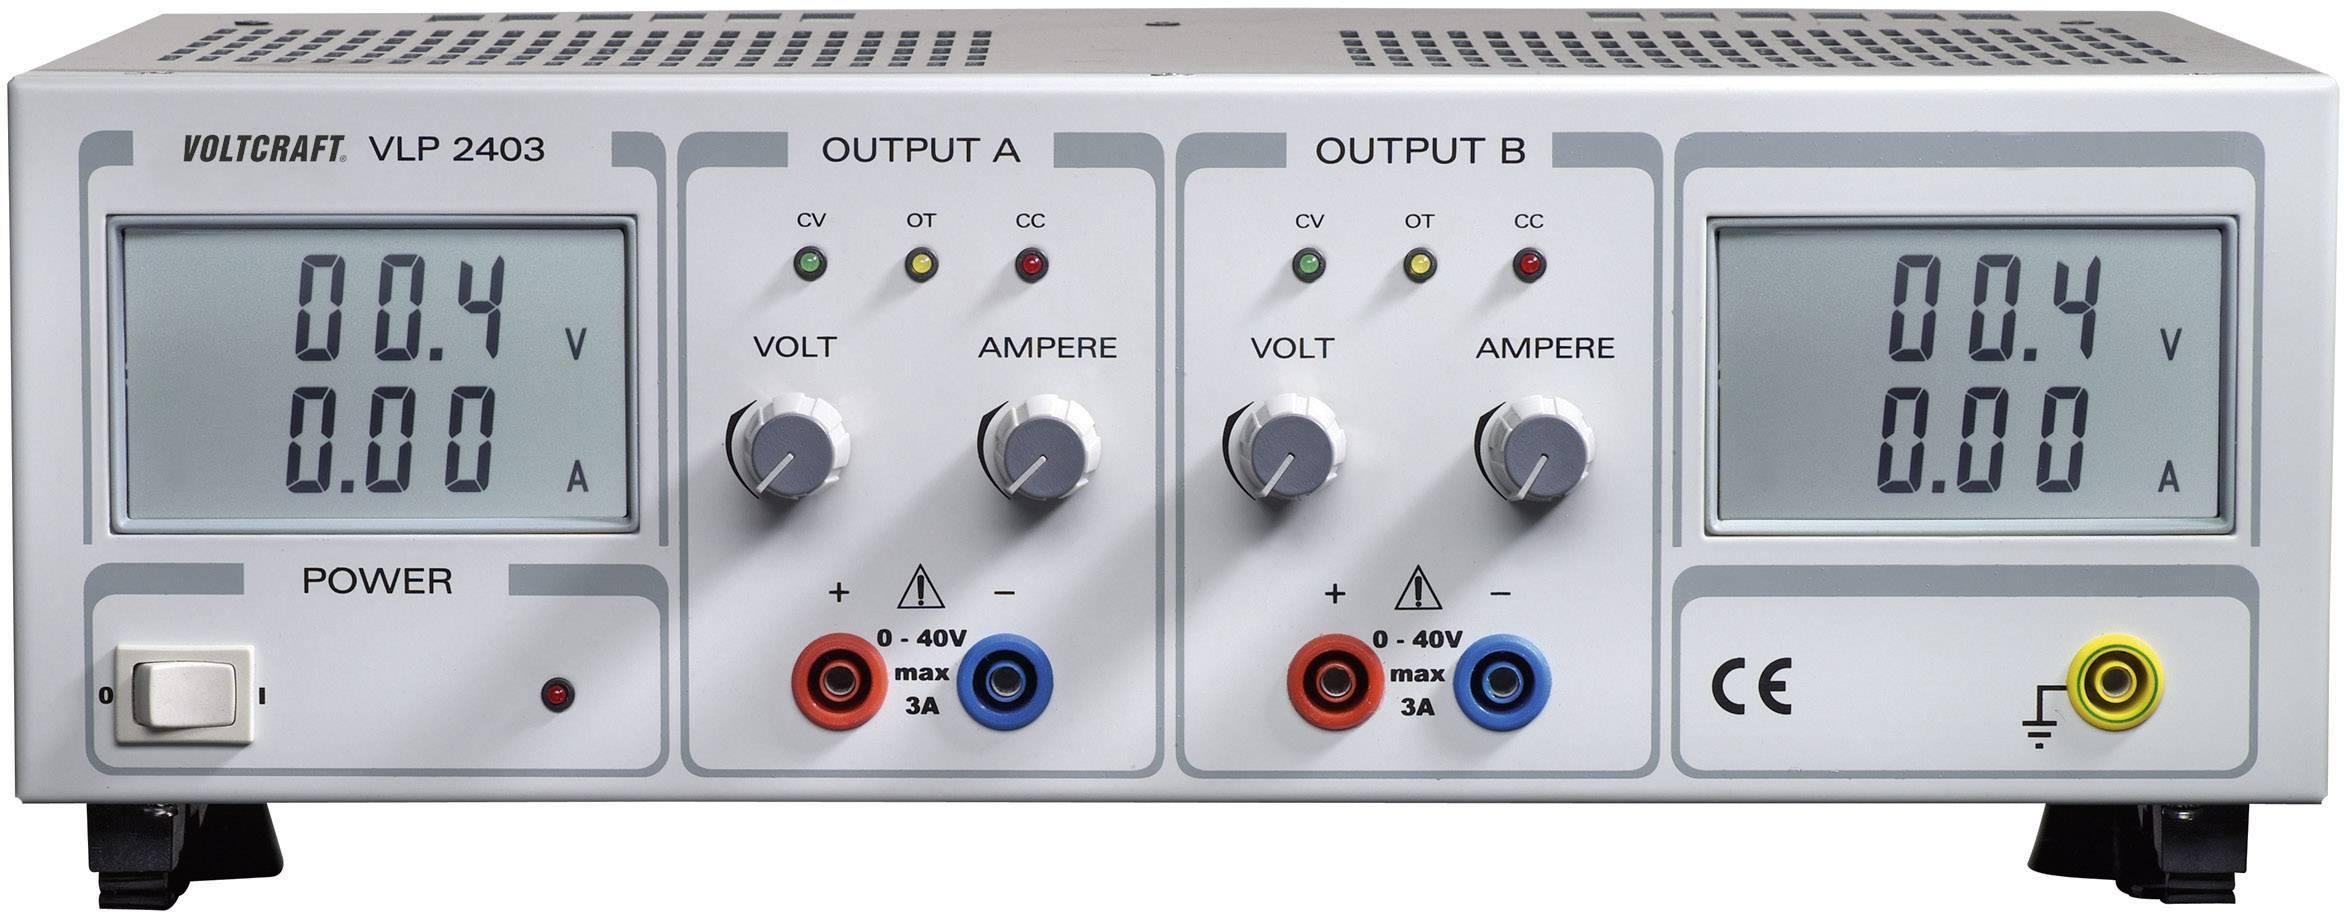 Lineárny laboratórny sietový zdroj Voltcraft VLP-2403, 0 - 40 V, 0 - 3 A